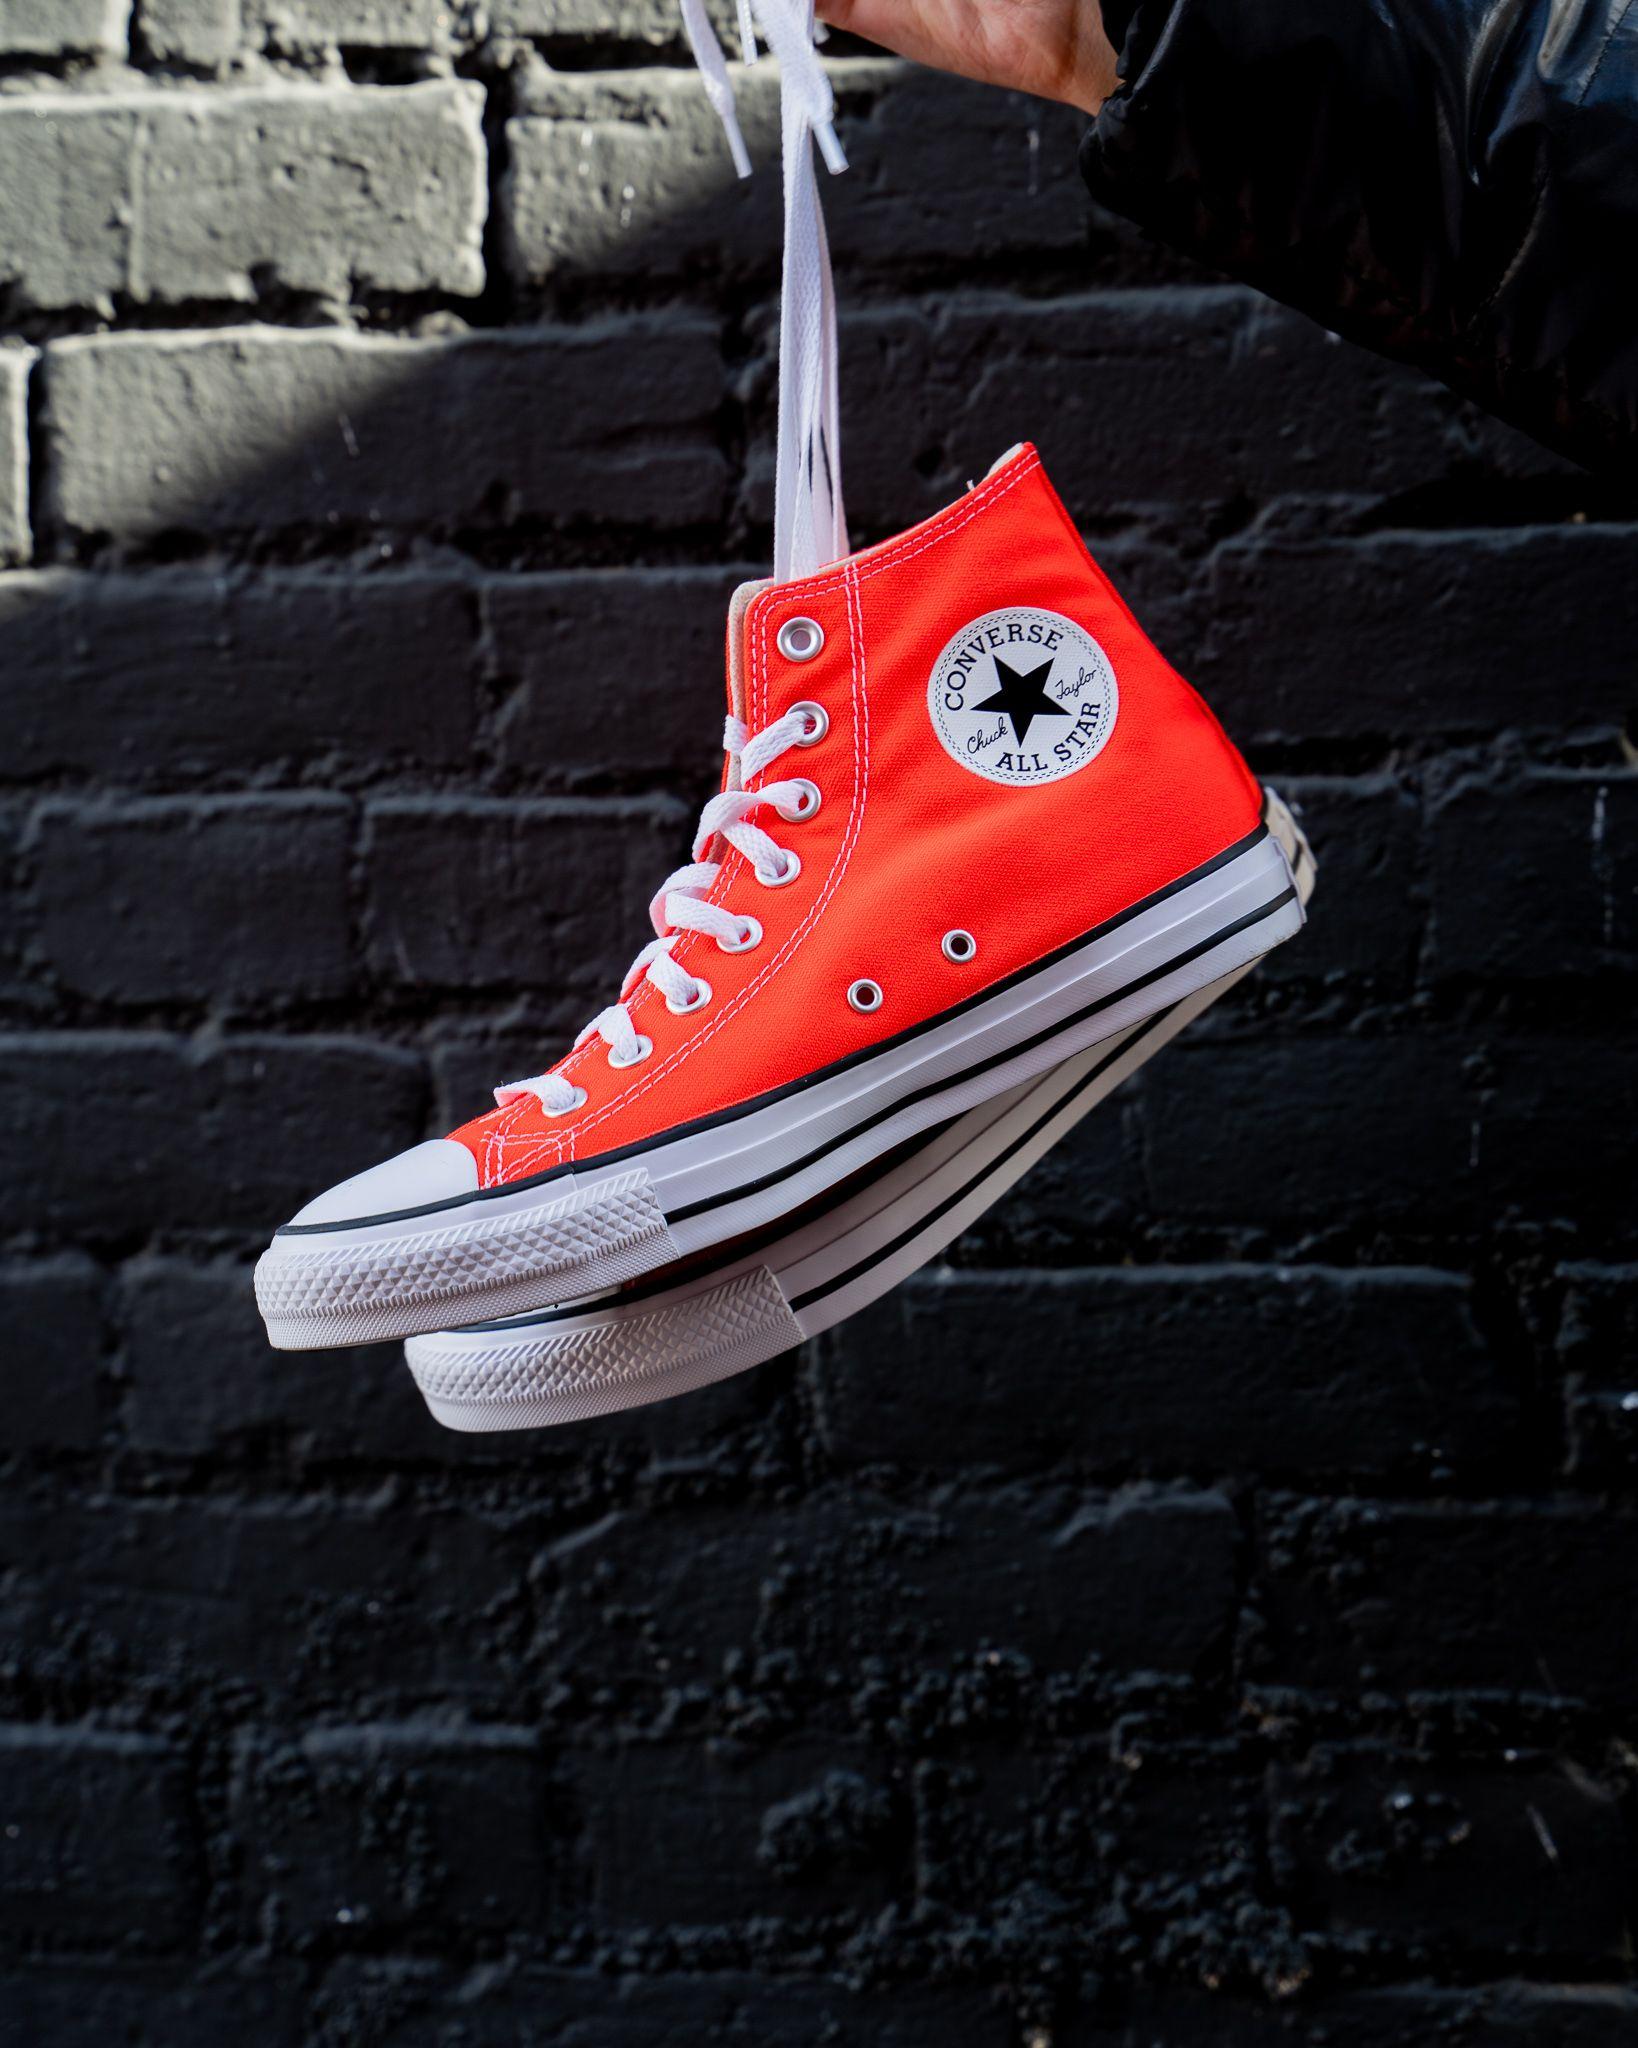 Chucks converse, Converse chuck taylor